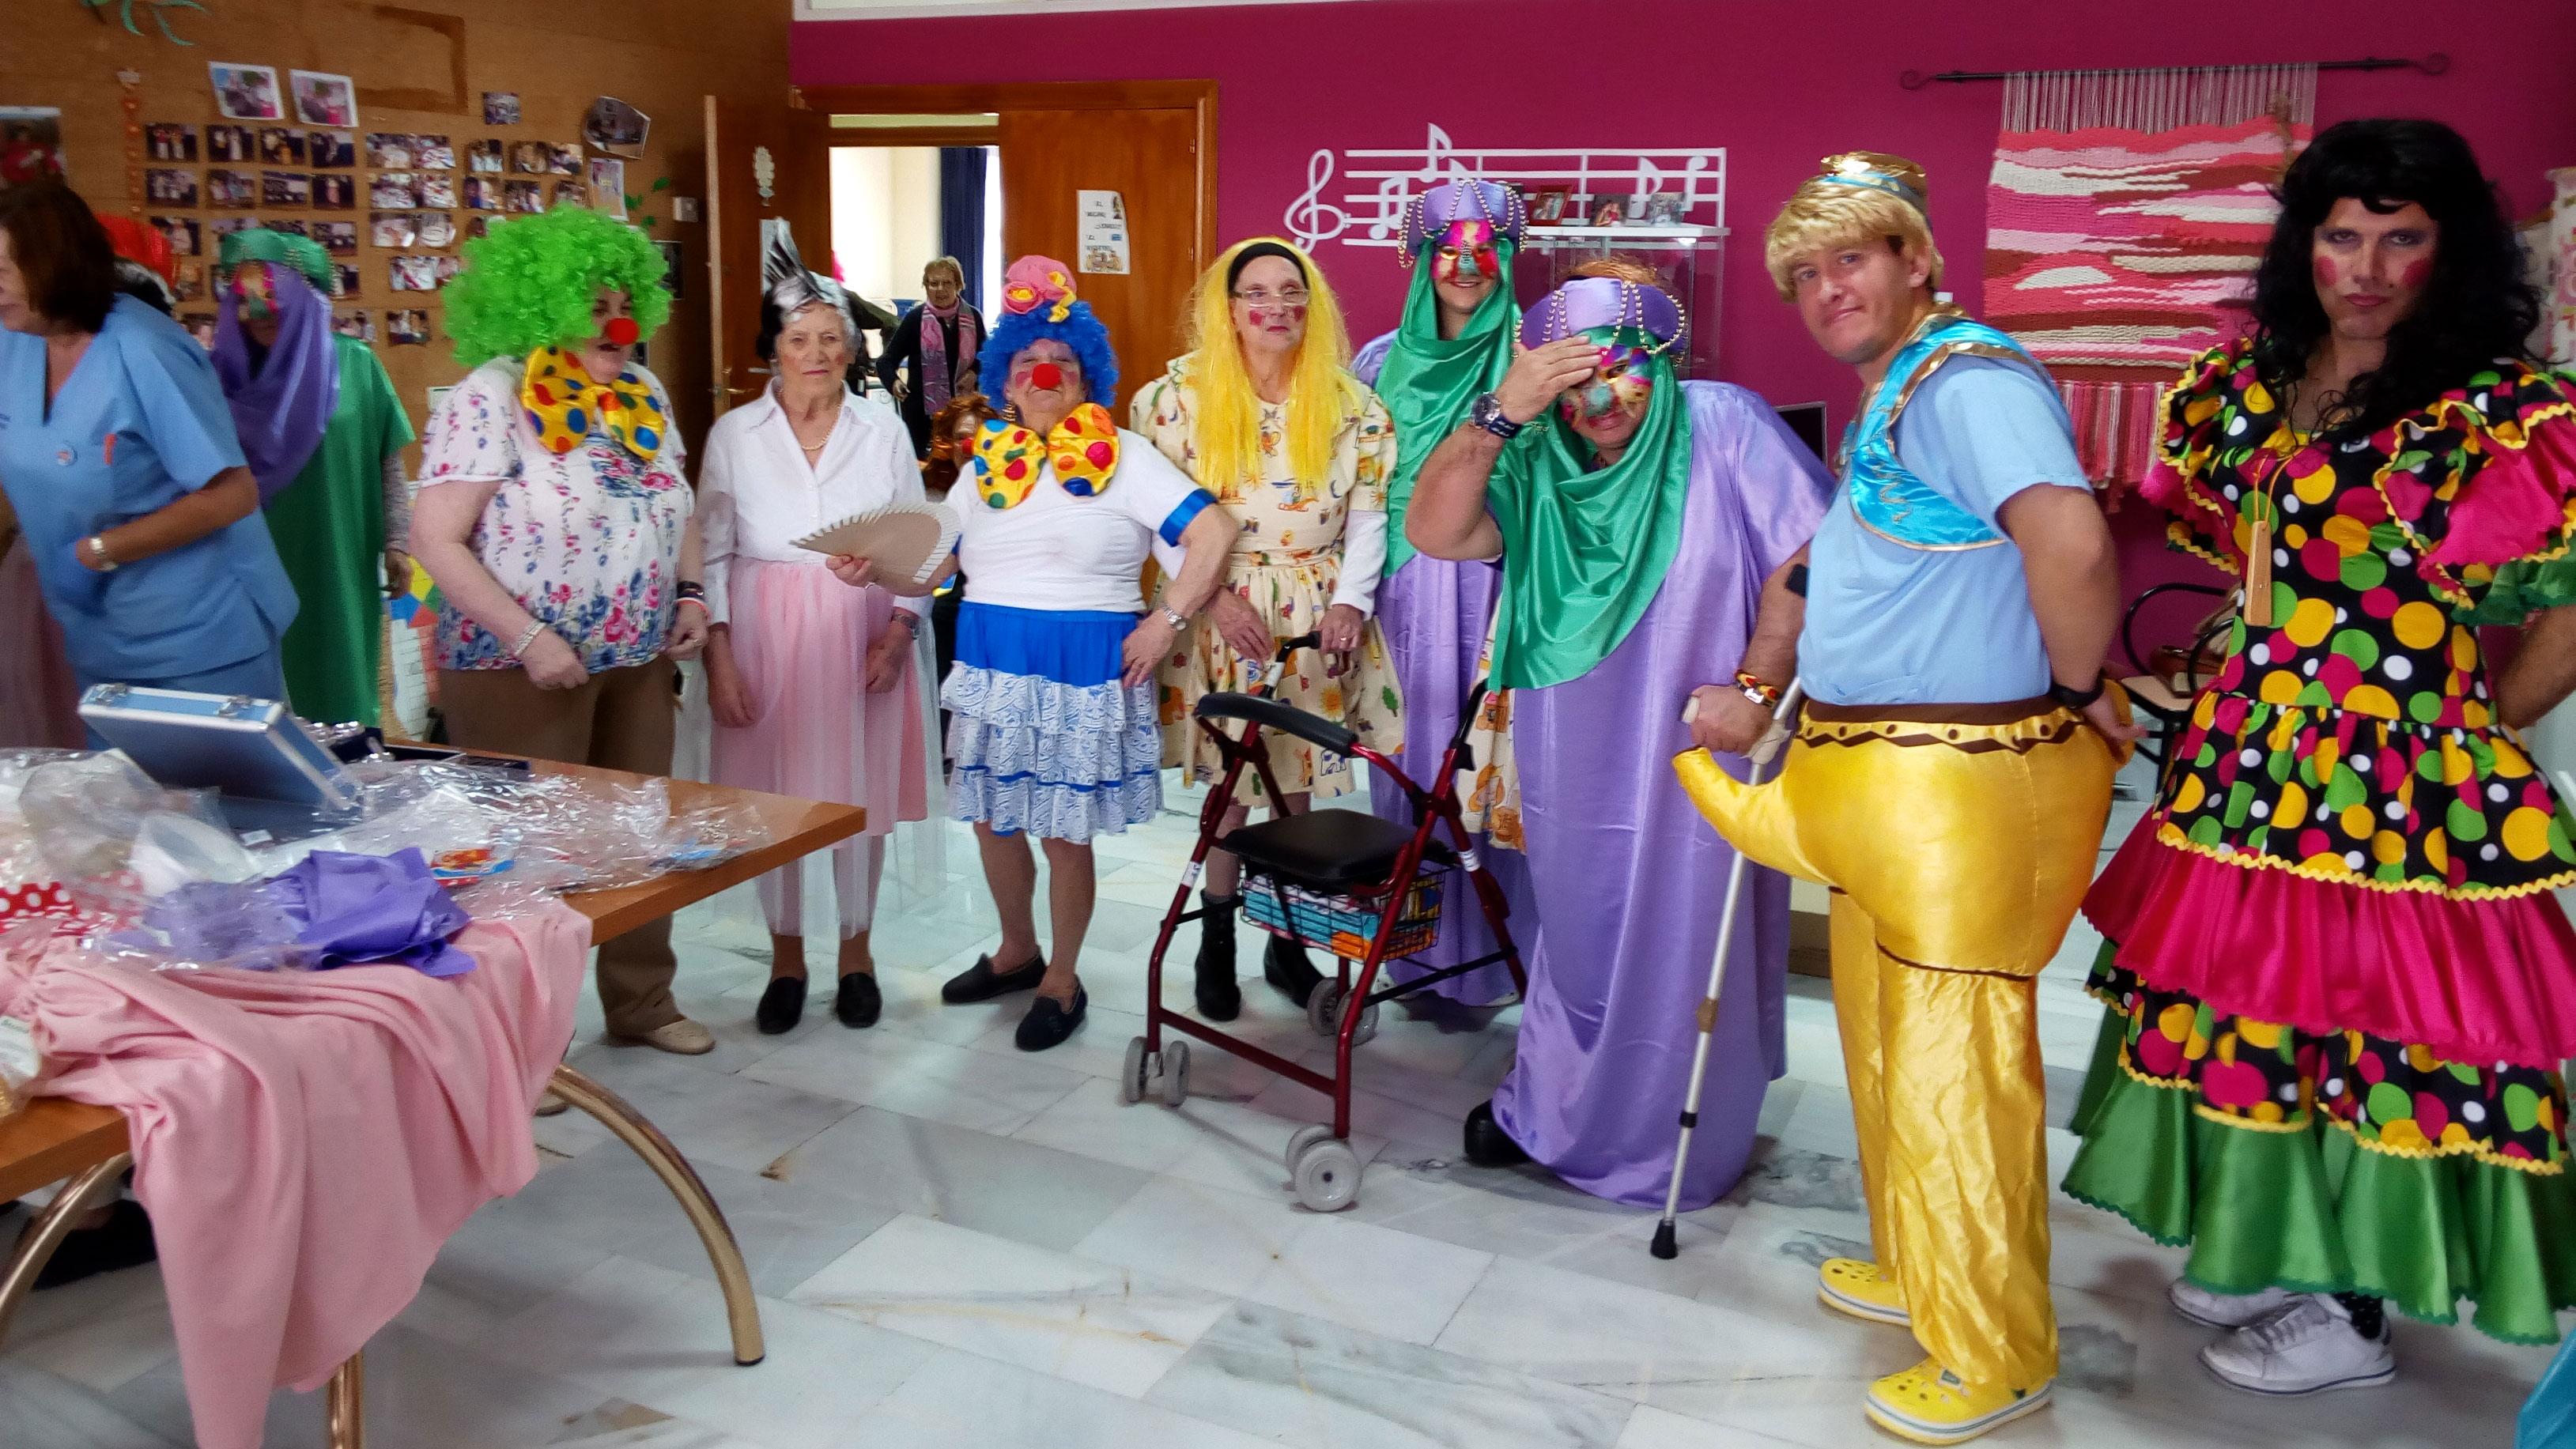 Carnaval en Urbanización de Mayores